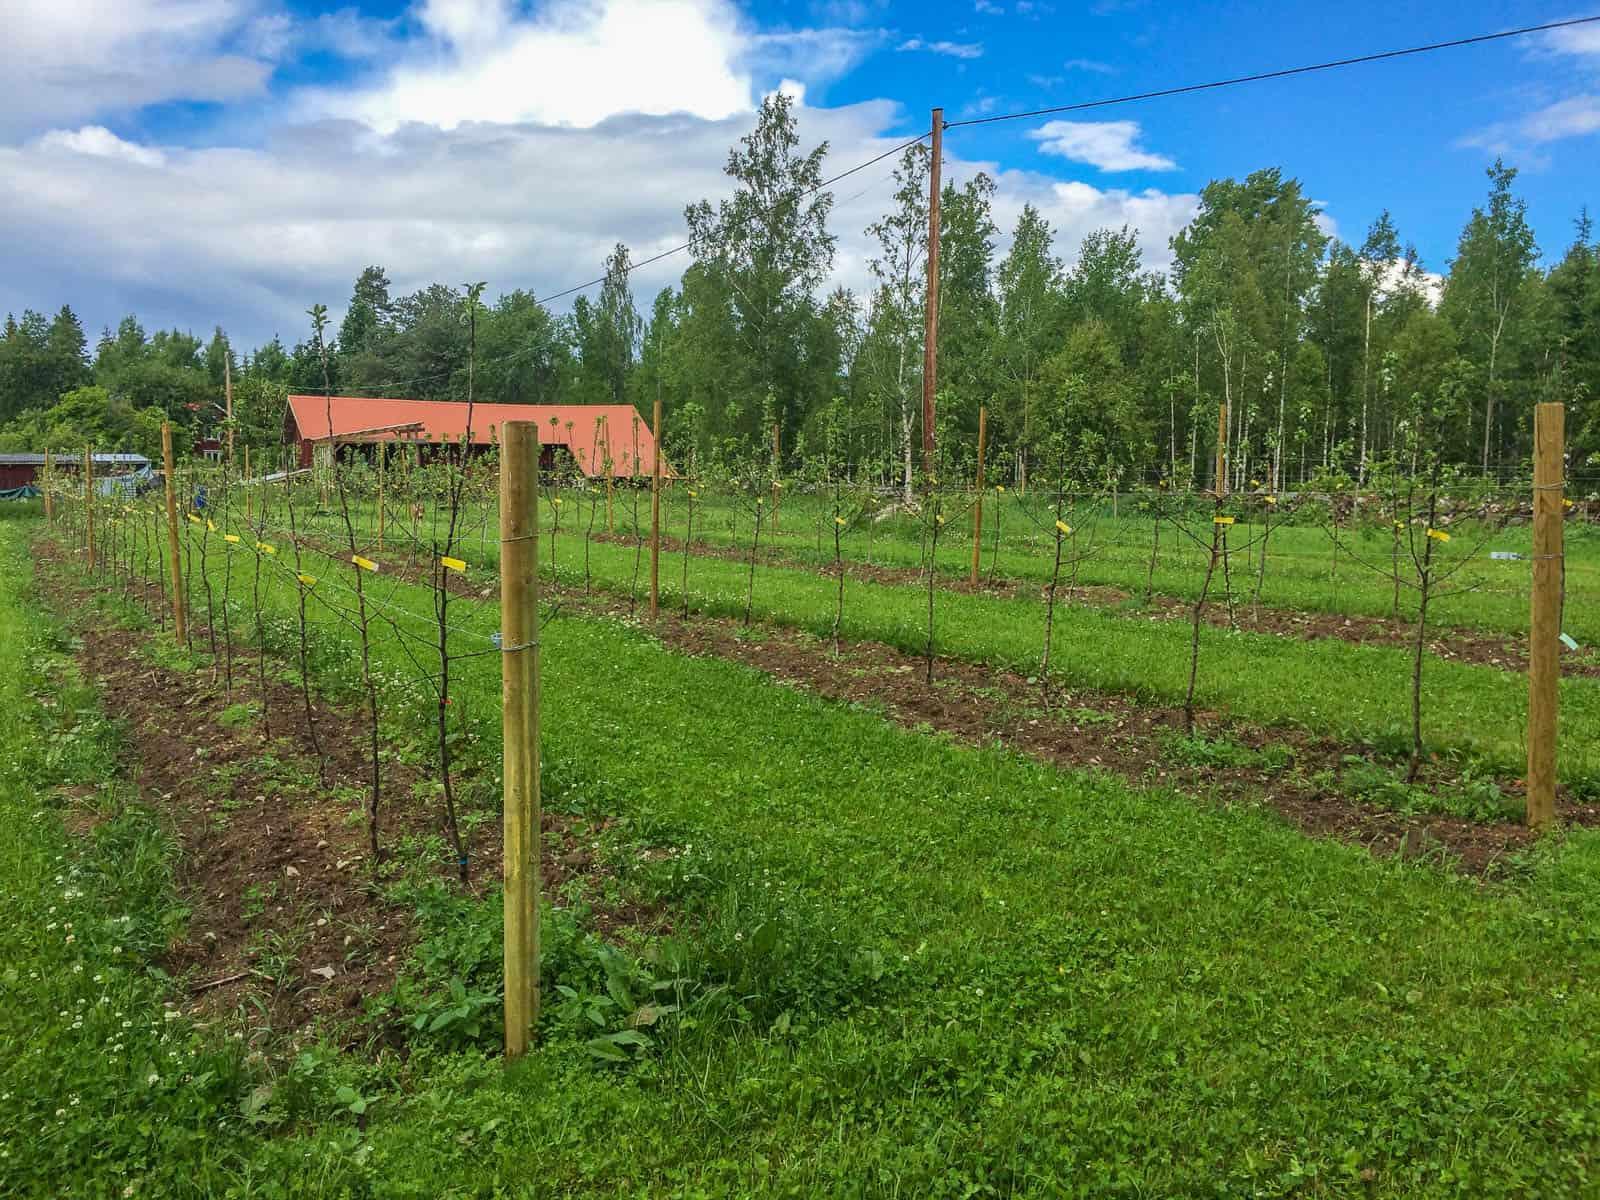 För snart en månad sedan planterade jag min äppelodling. Närmare 200 barrotade träd. Och nu - i slutet på juni – har praktiskt taget alla slagit ut och drygt hälften blommar fortfarande.